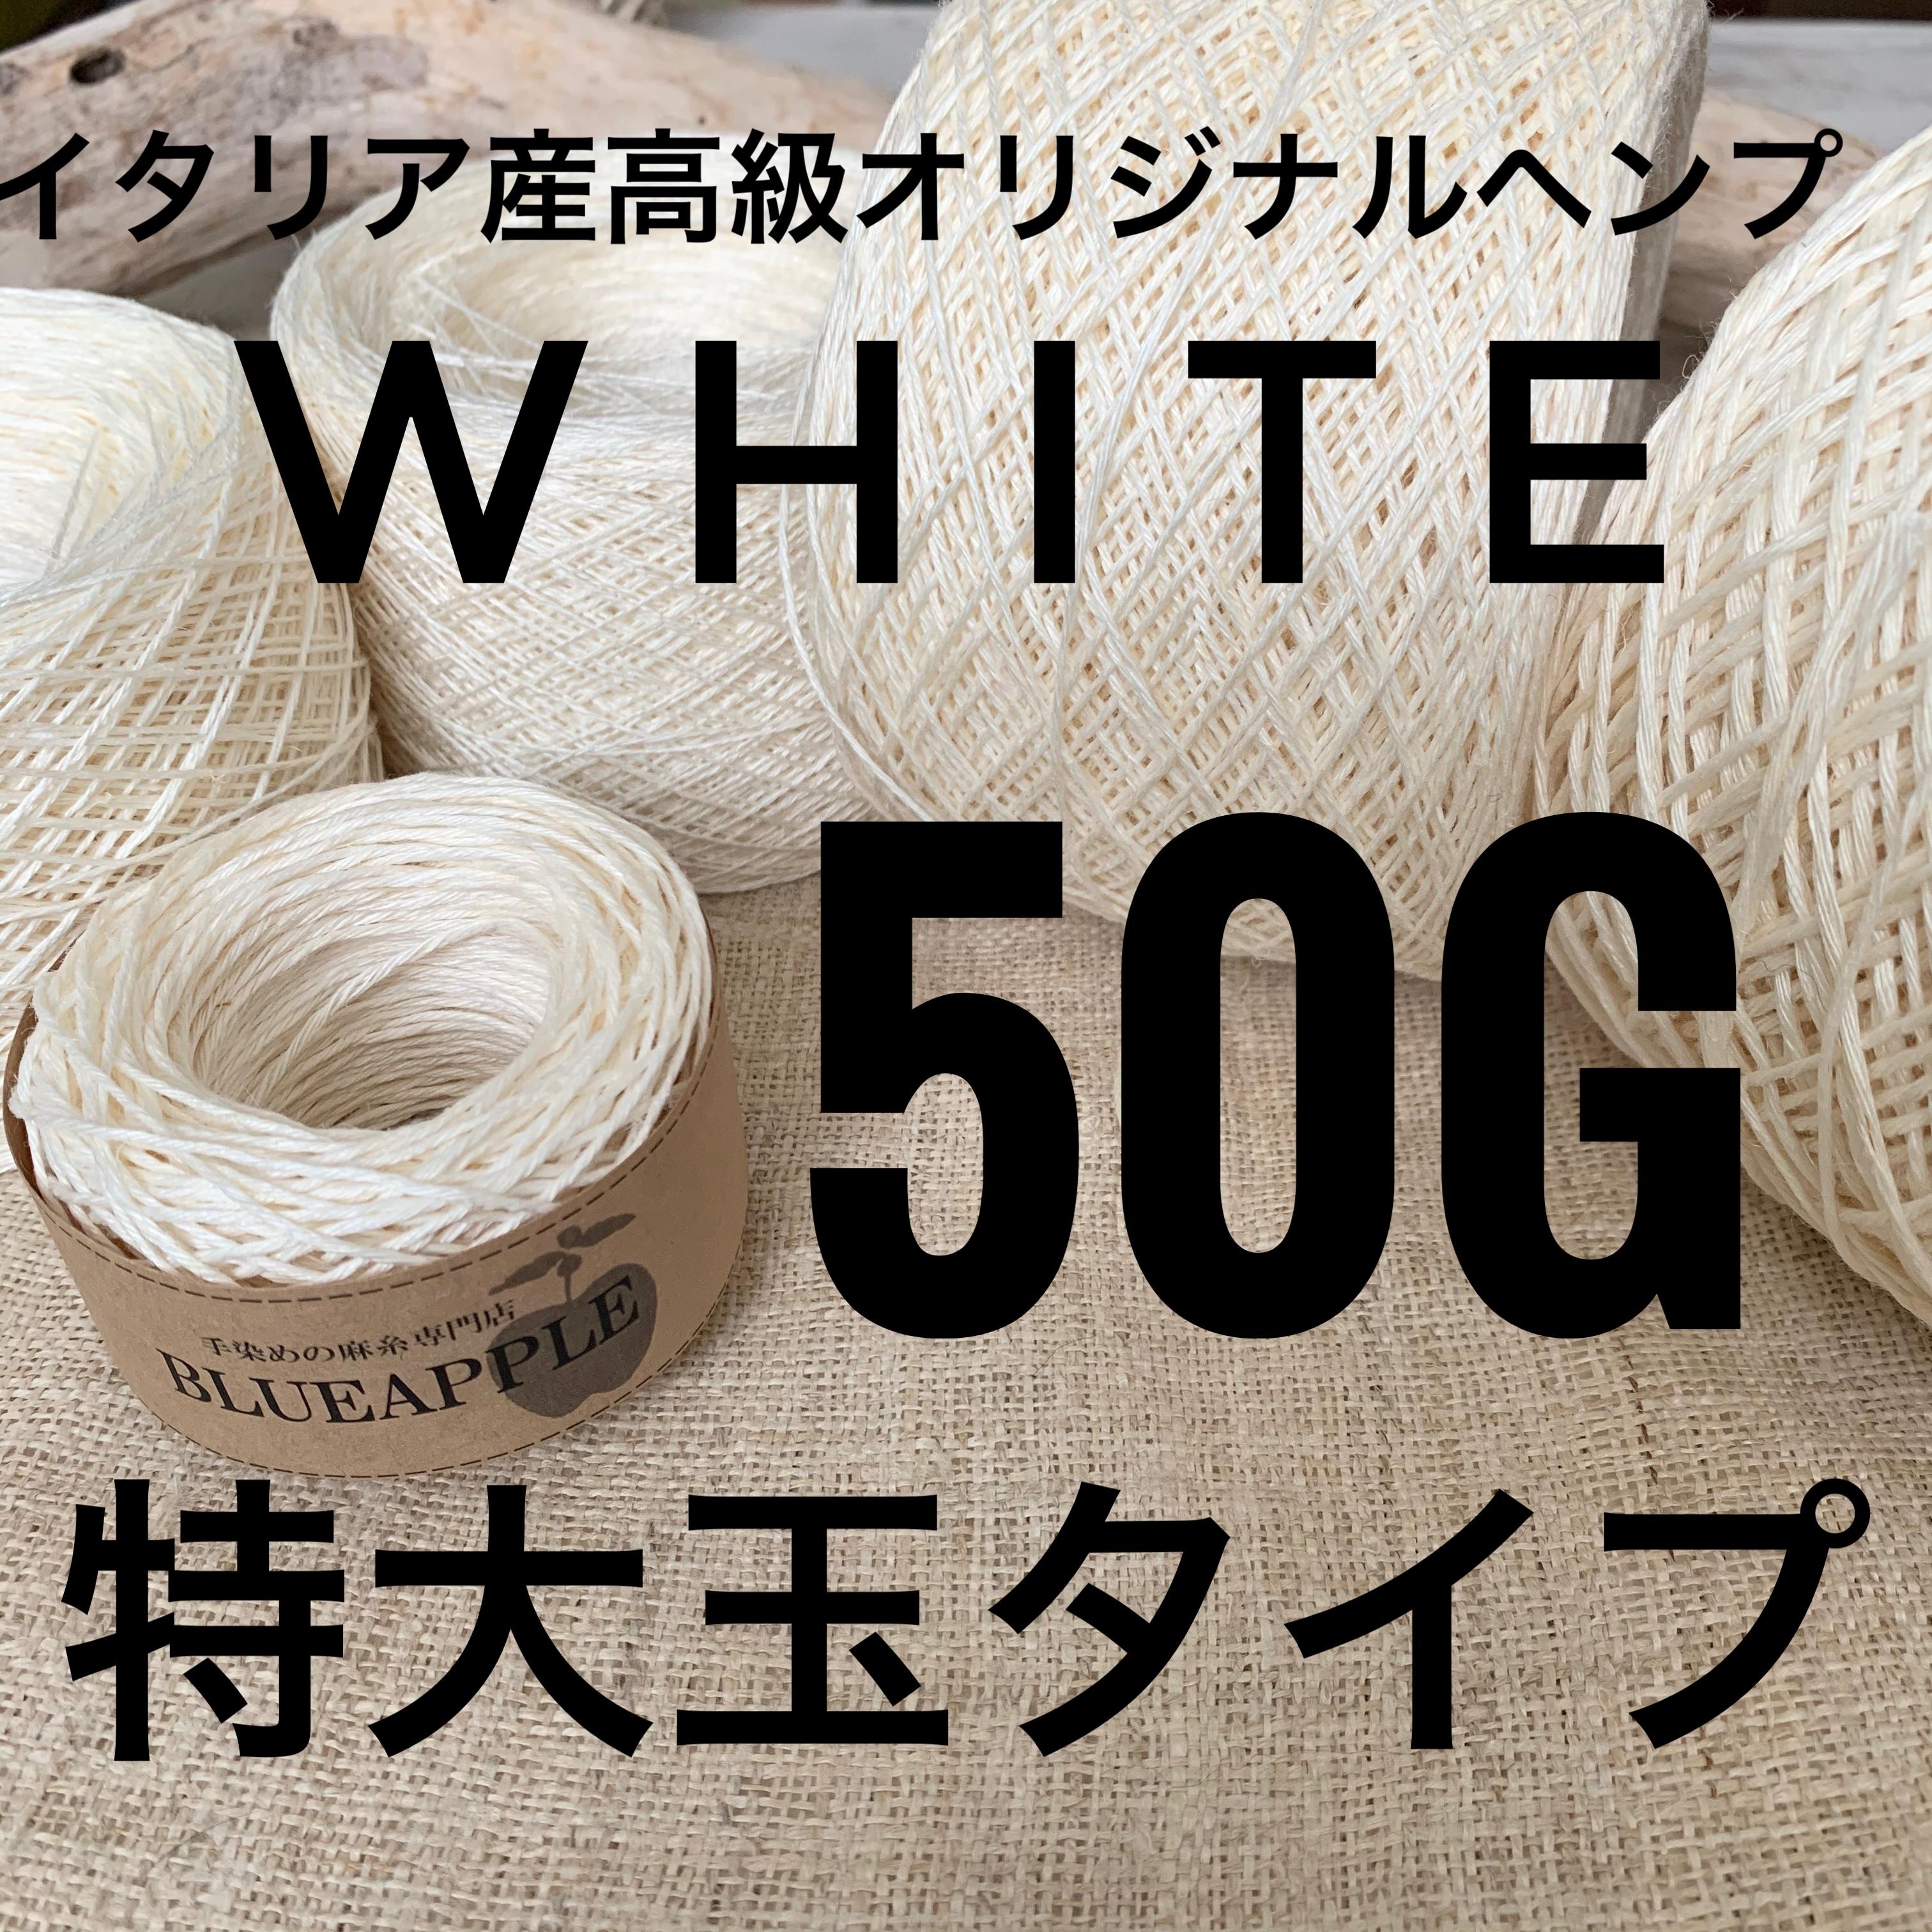 イタリア産高級オリジナルヘンプ WHITE 50g特大玉【太さを選んで下さい】